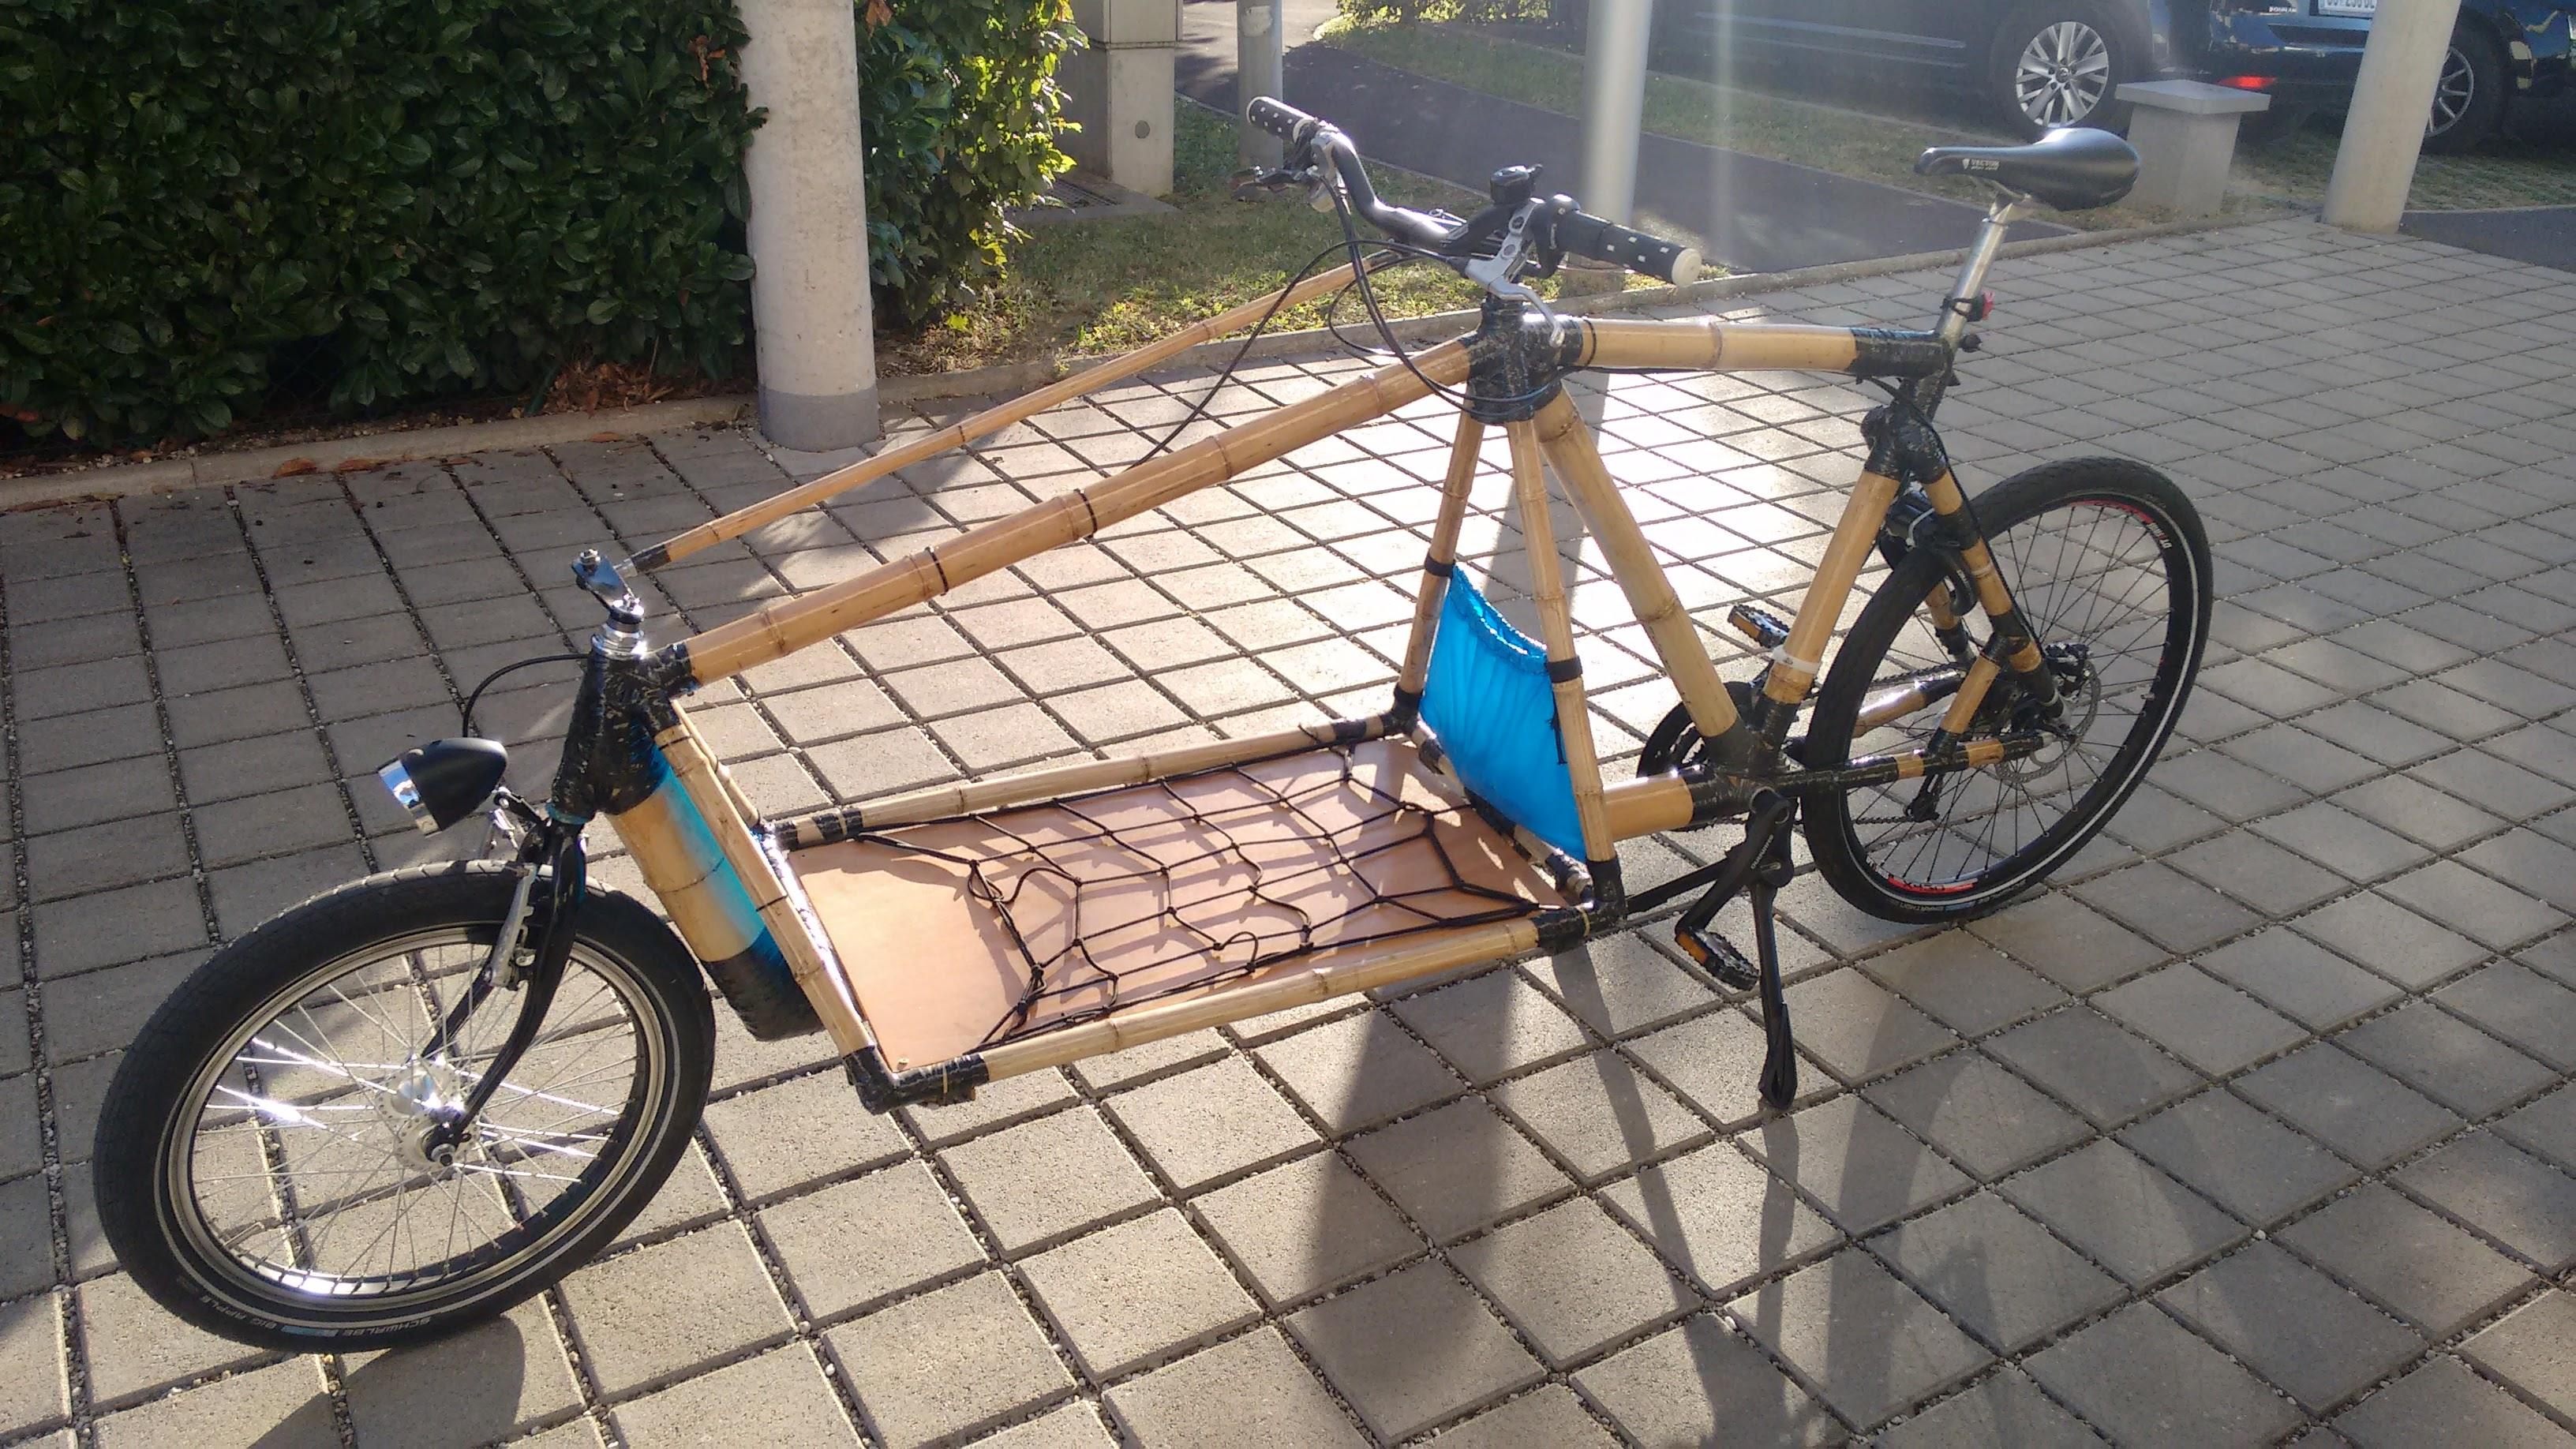 zeig uns dein lastenrad beim einkaufen mit deinen. Black Bedroom Furniture Sets. Home Design Ideas